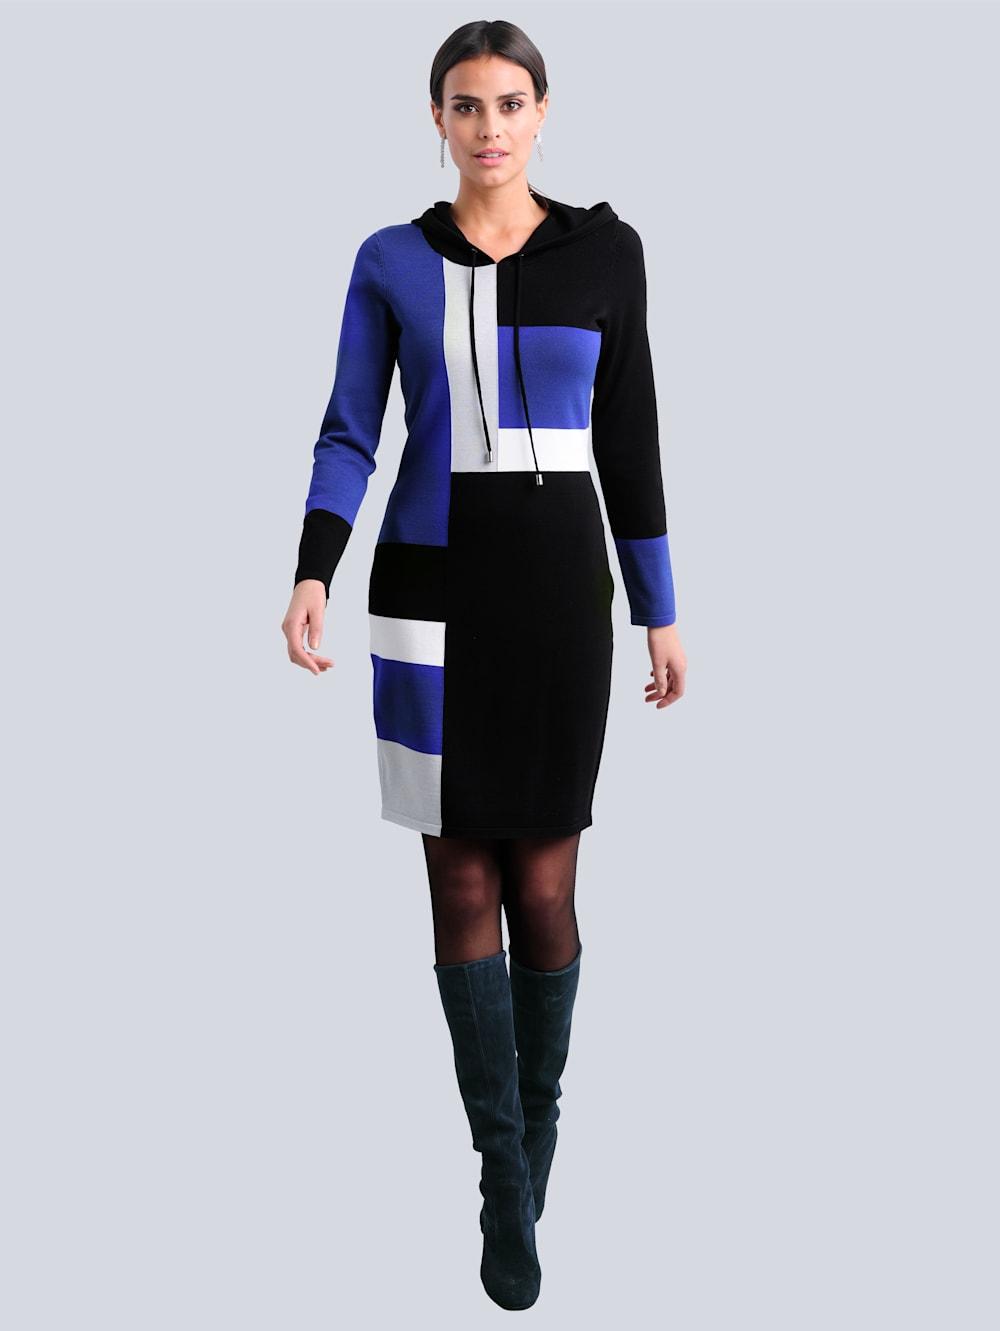 alba moda strickkleid im exklusiven dessin von alba moda   wenz